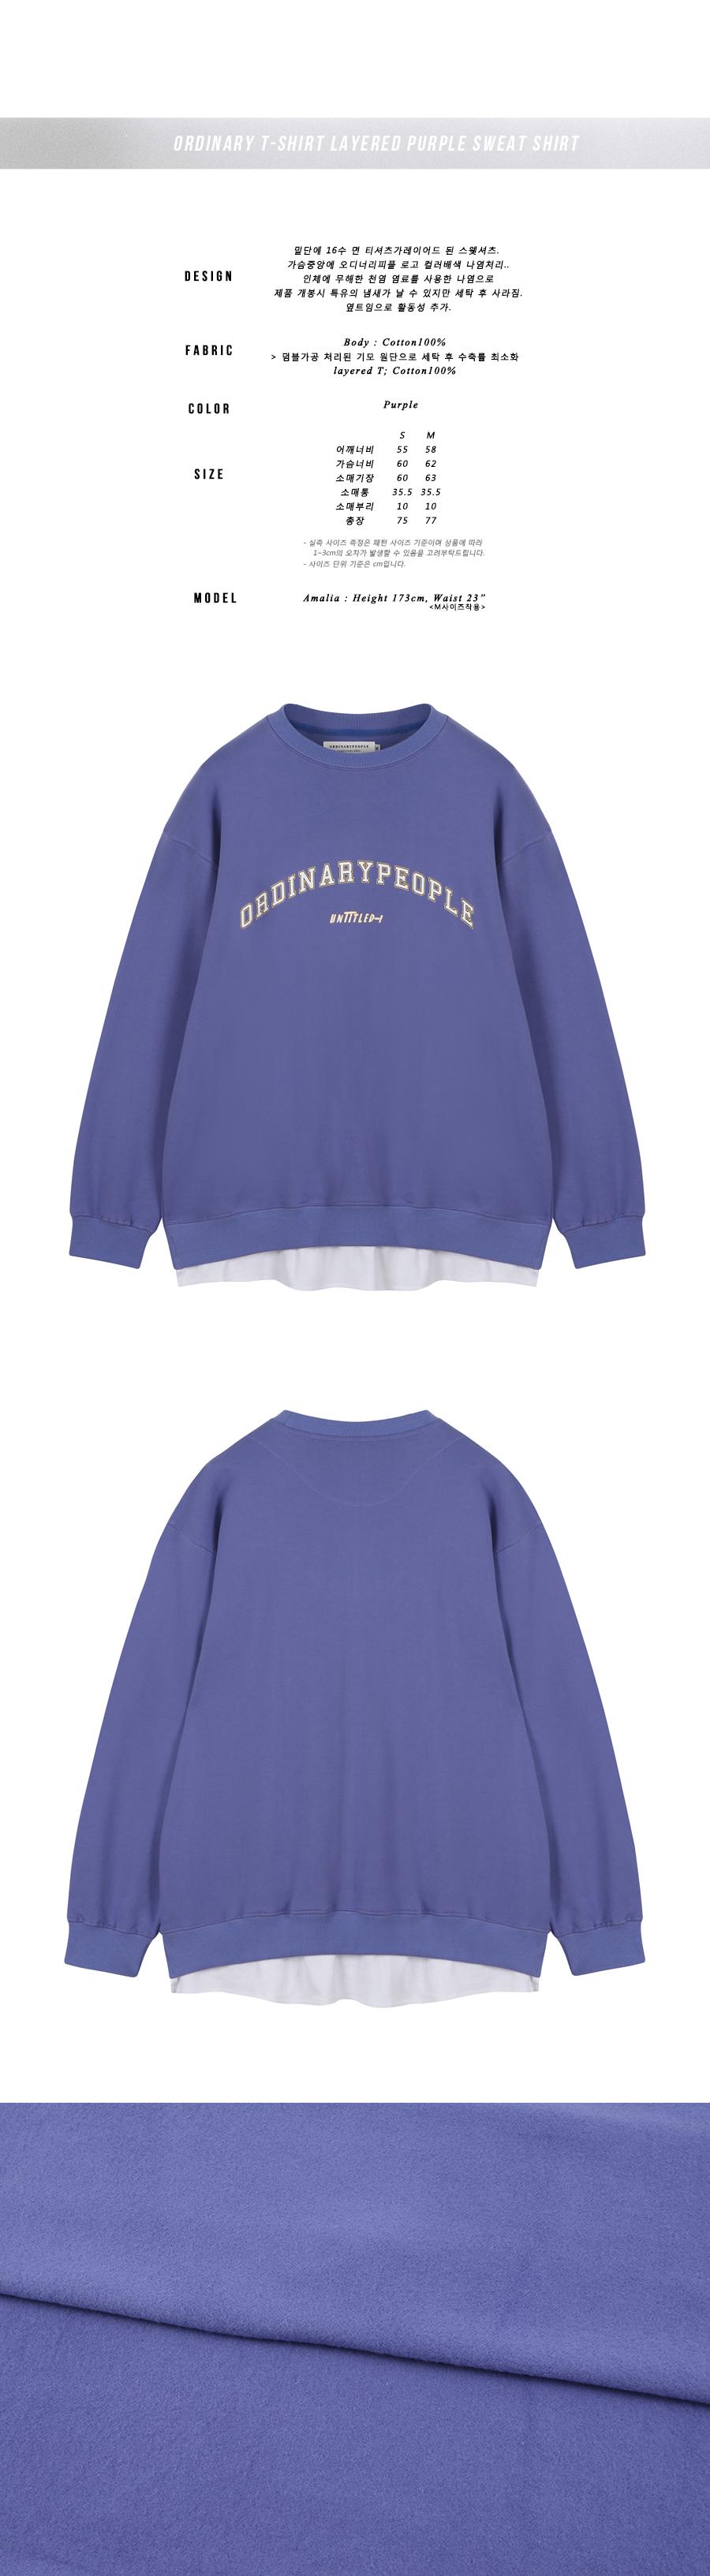 오디너리피플(ORDINARY PEOPLE) 오디너리 티셔츠 레이어드 퍼플 스웨트 셔츠